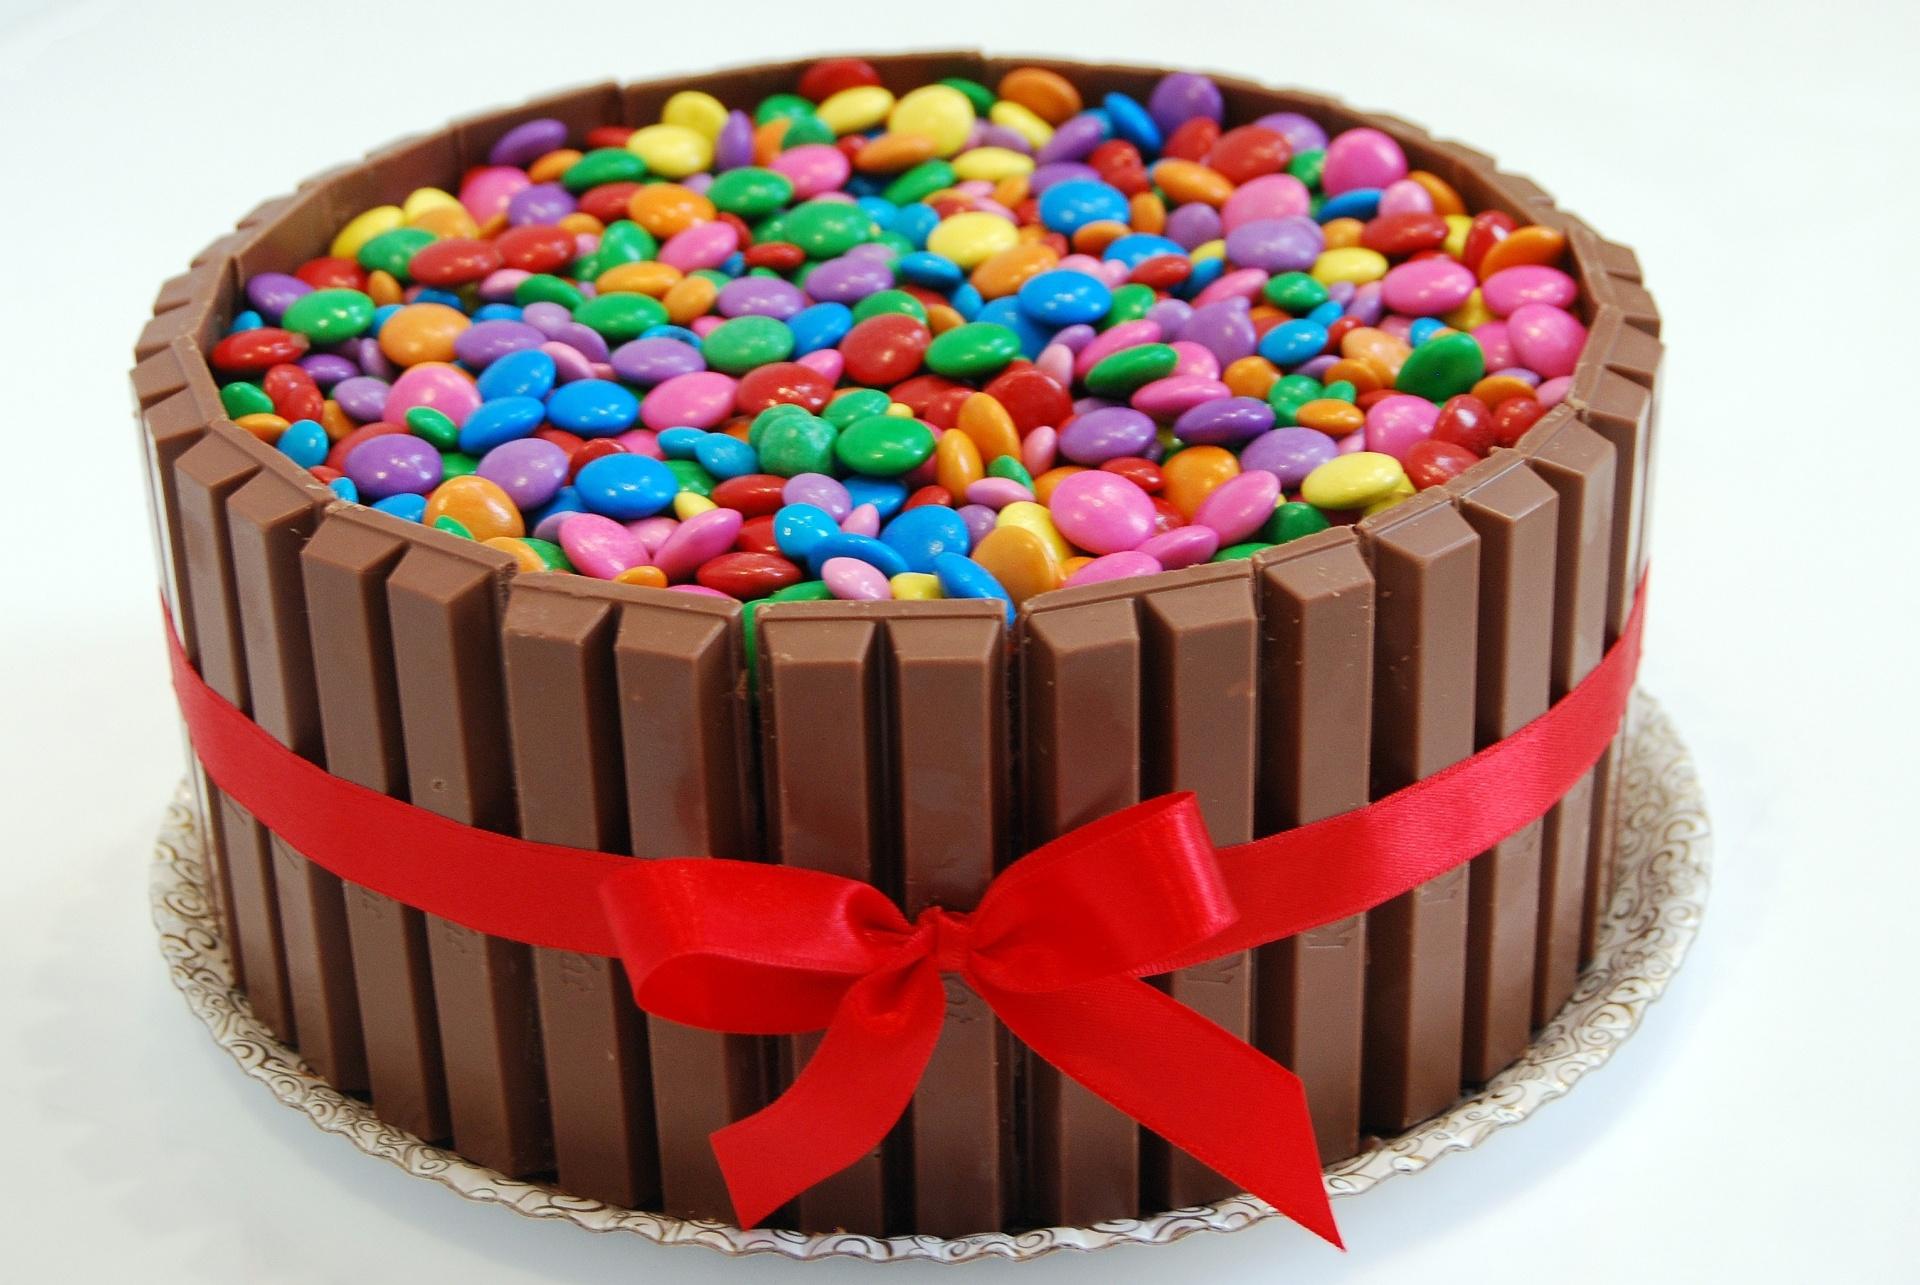 b9da85eaa1bb4 Vai comemorar o aniversário do seu filho  Veja ideias de bolos para meninos  e meninas